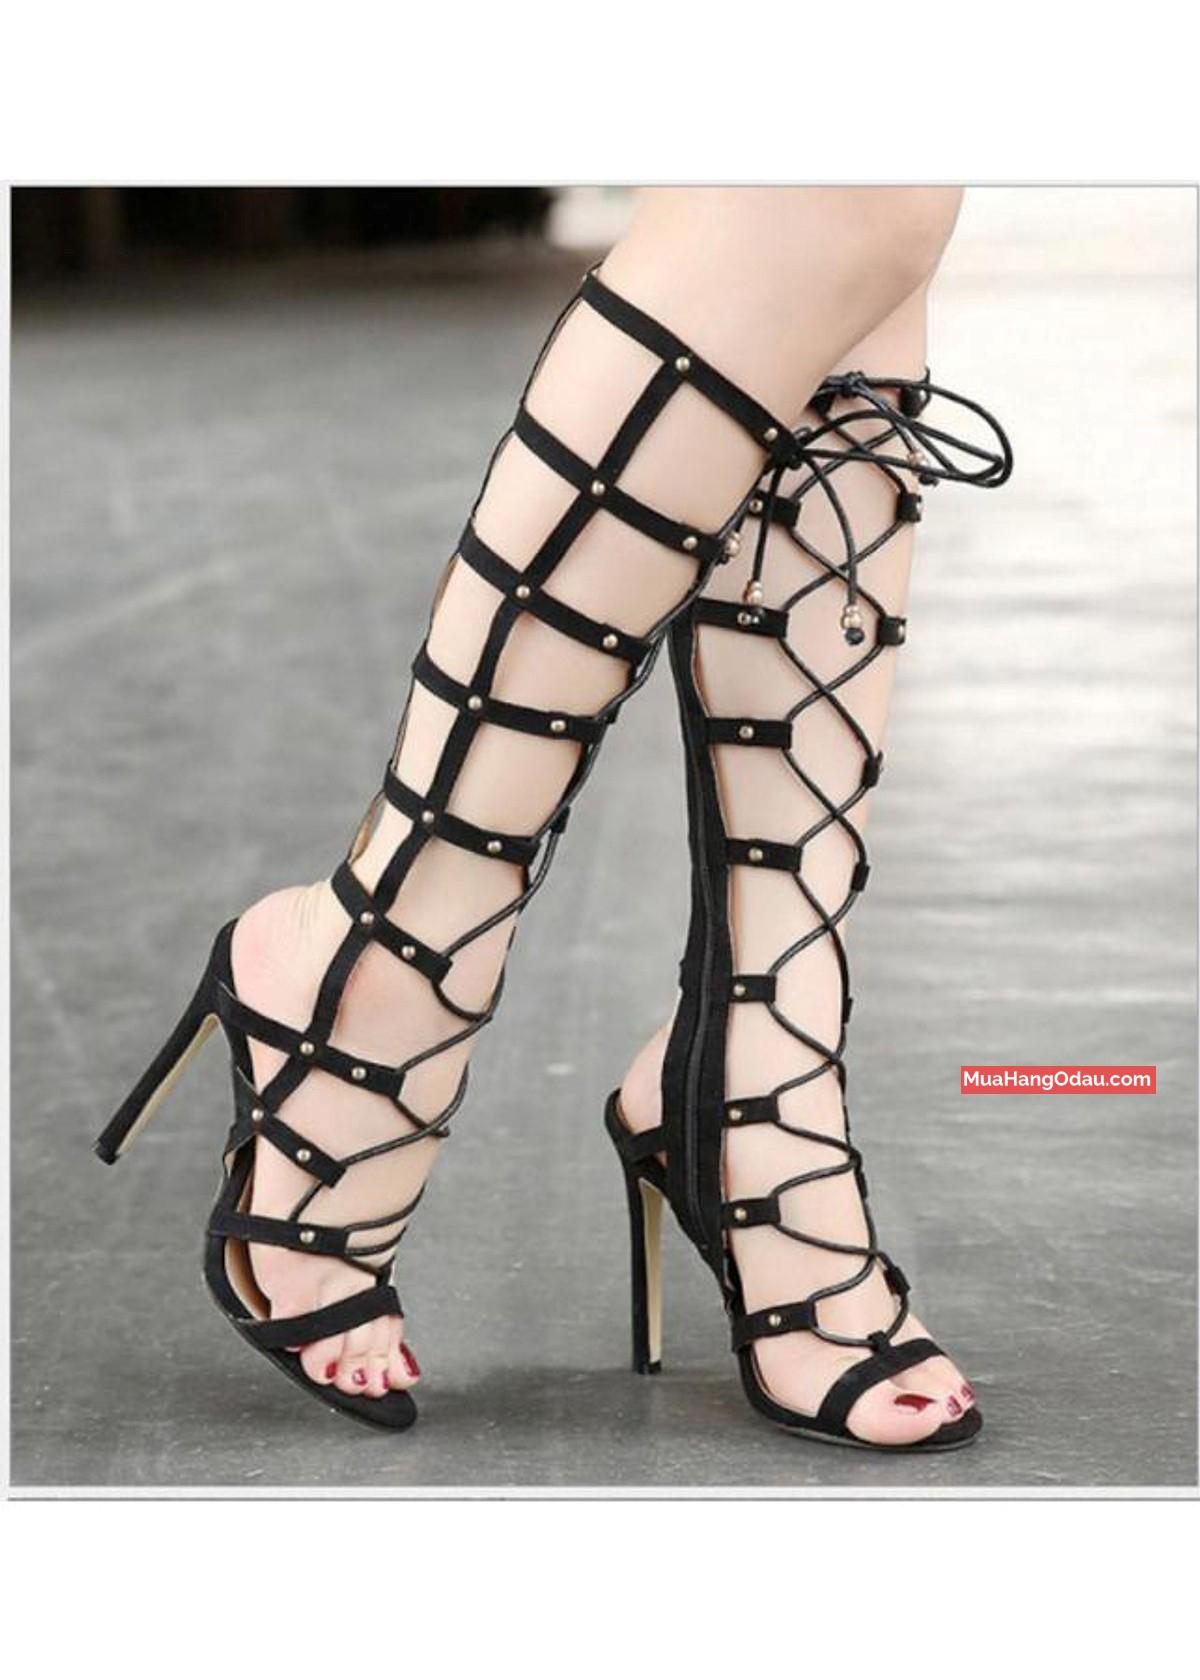 Giày sandal cao gót chiến binh cột dây ngang gối.